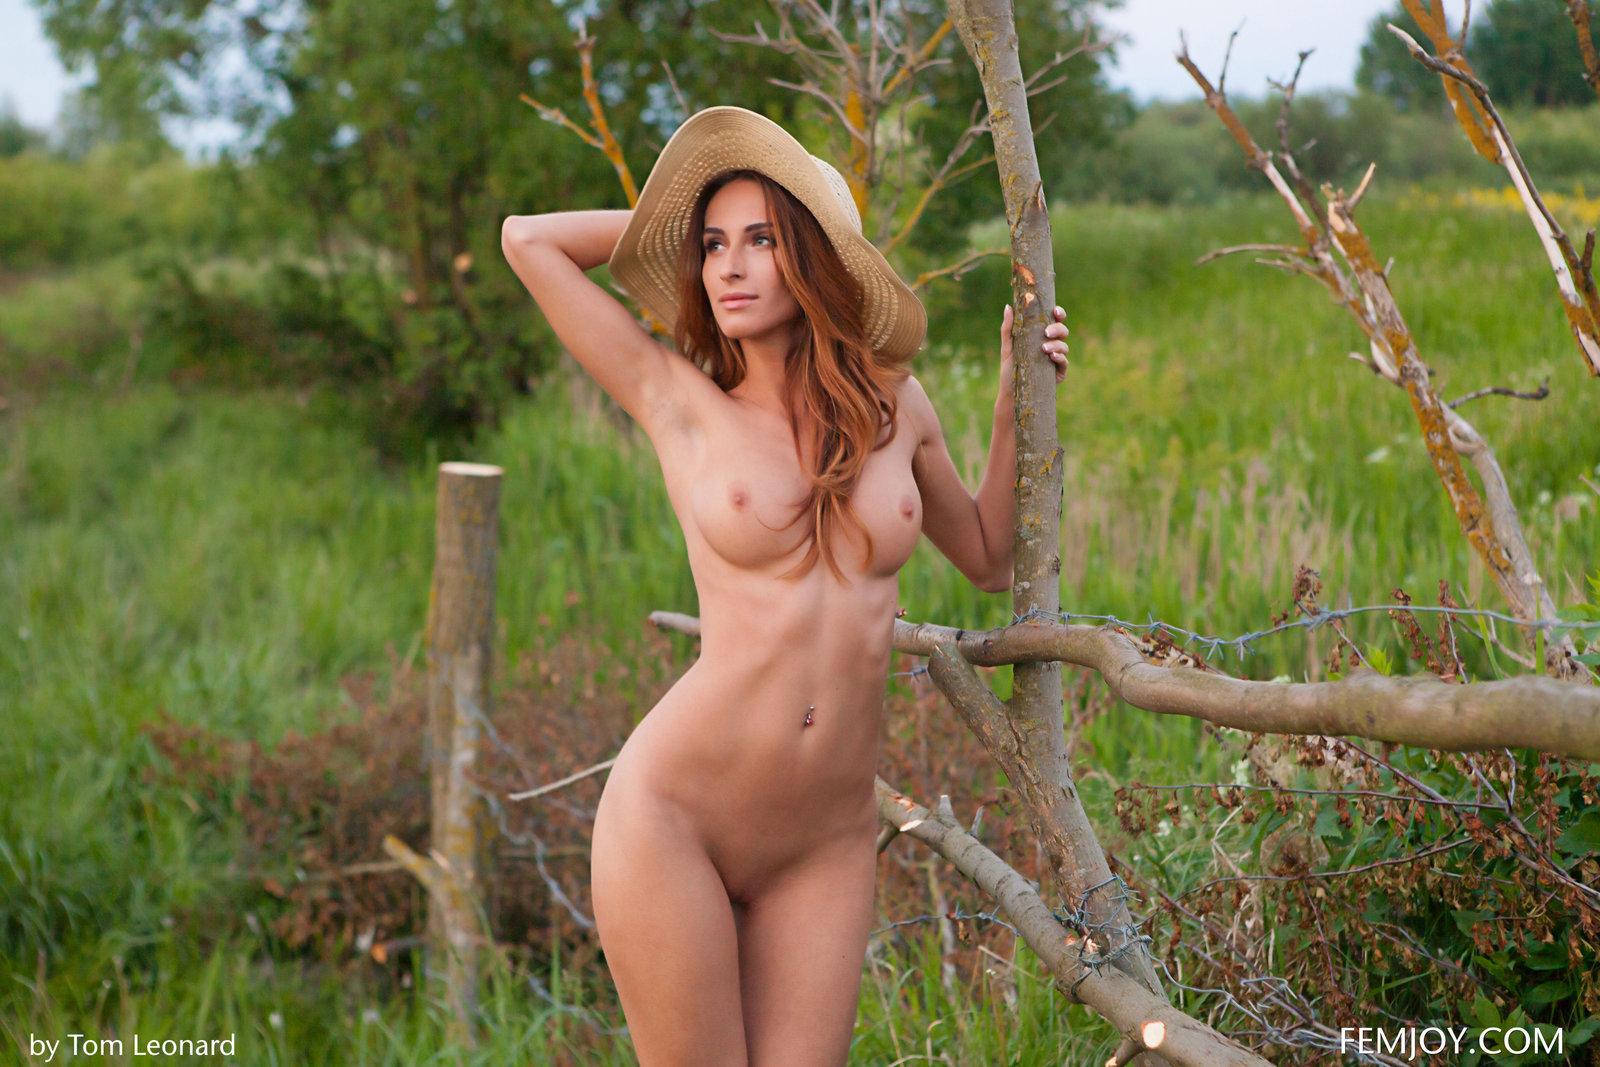 Zdjęcie porno - 1112 - Naturalna ślciznotka